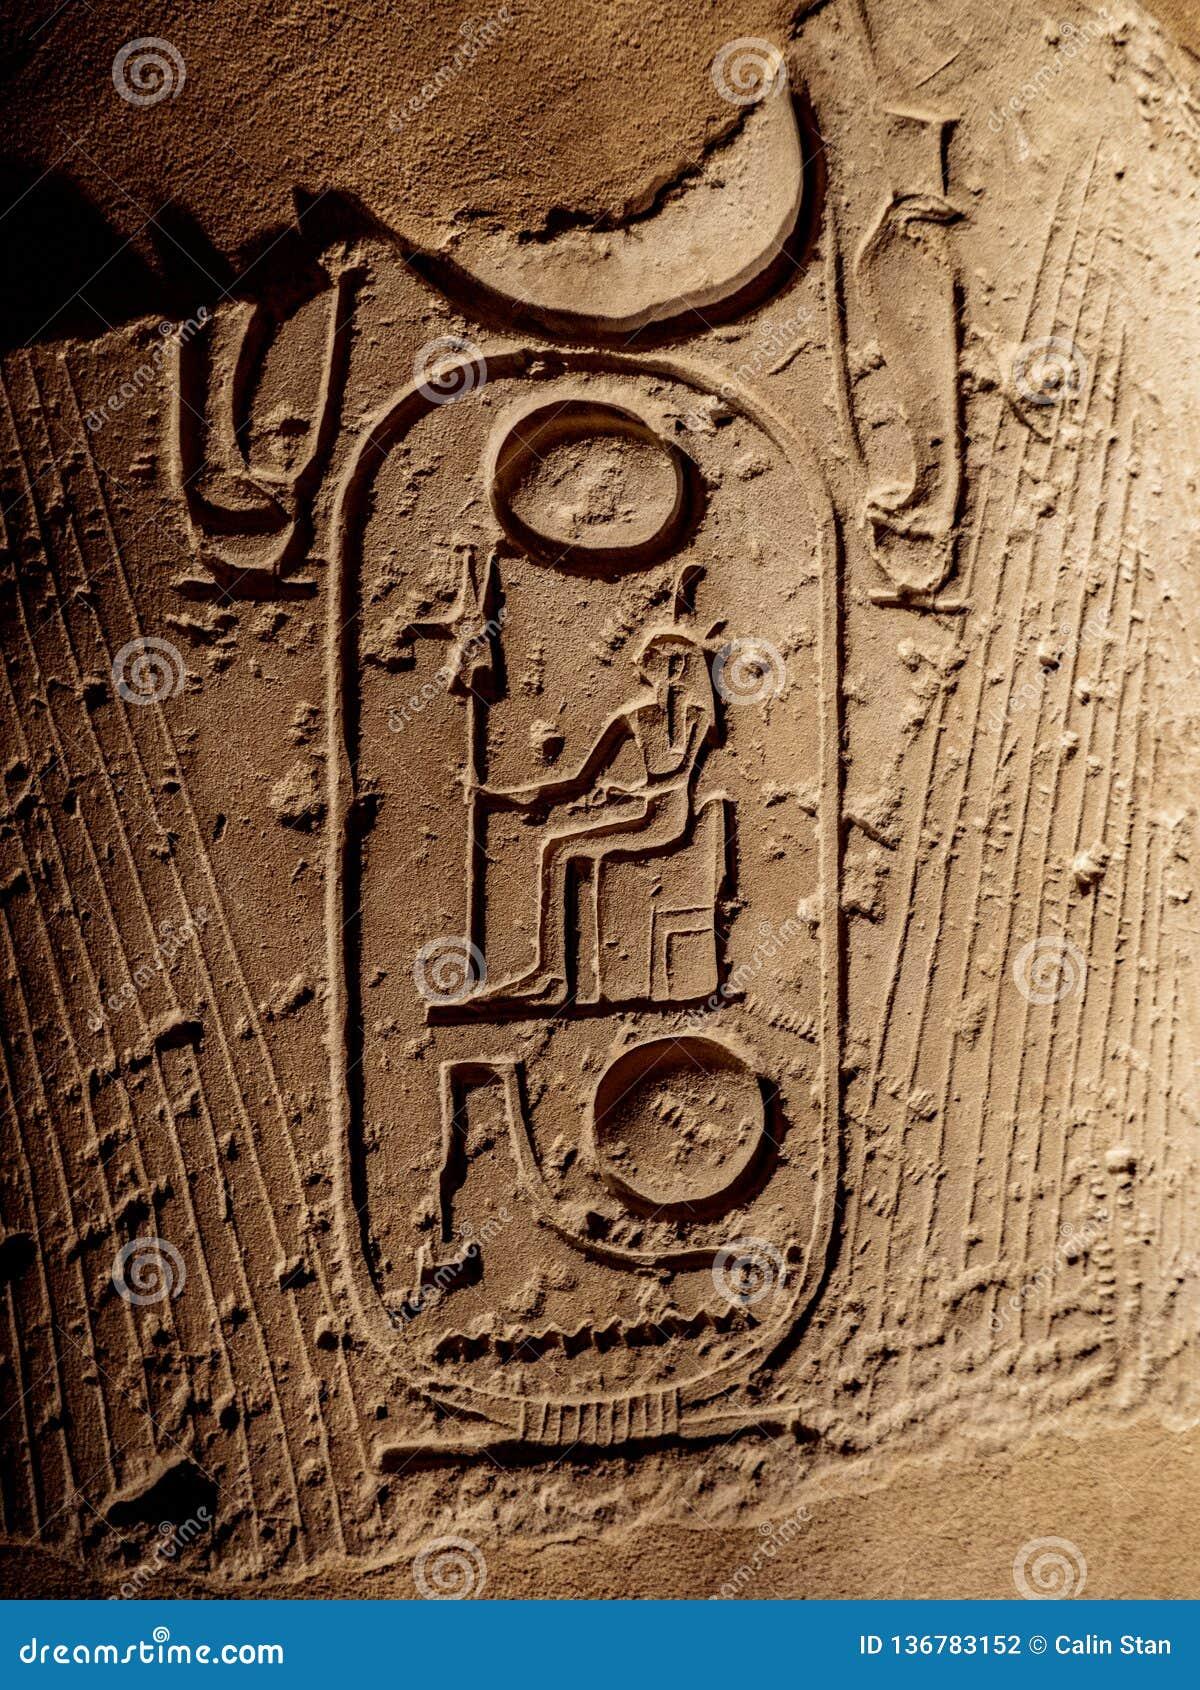 Die alten Hieroglyphen, die Pharaos darstellen, nennen auf einer Spalte beim Luxor-Tempel in Ägypten